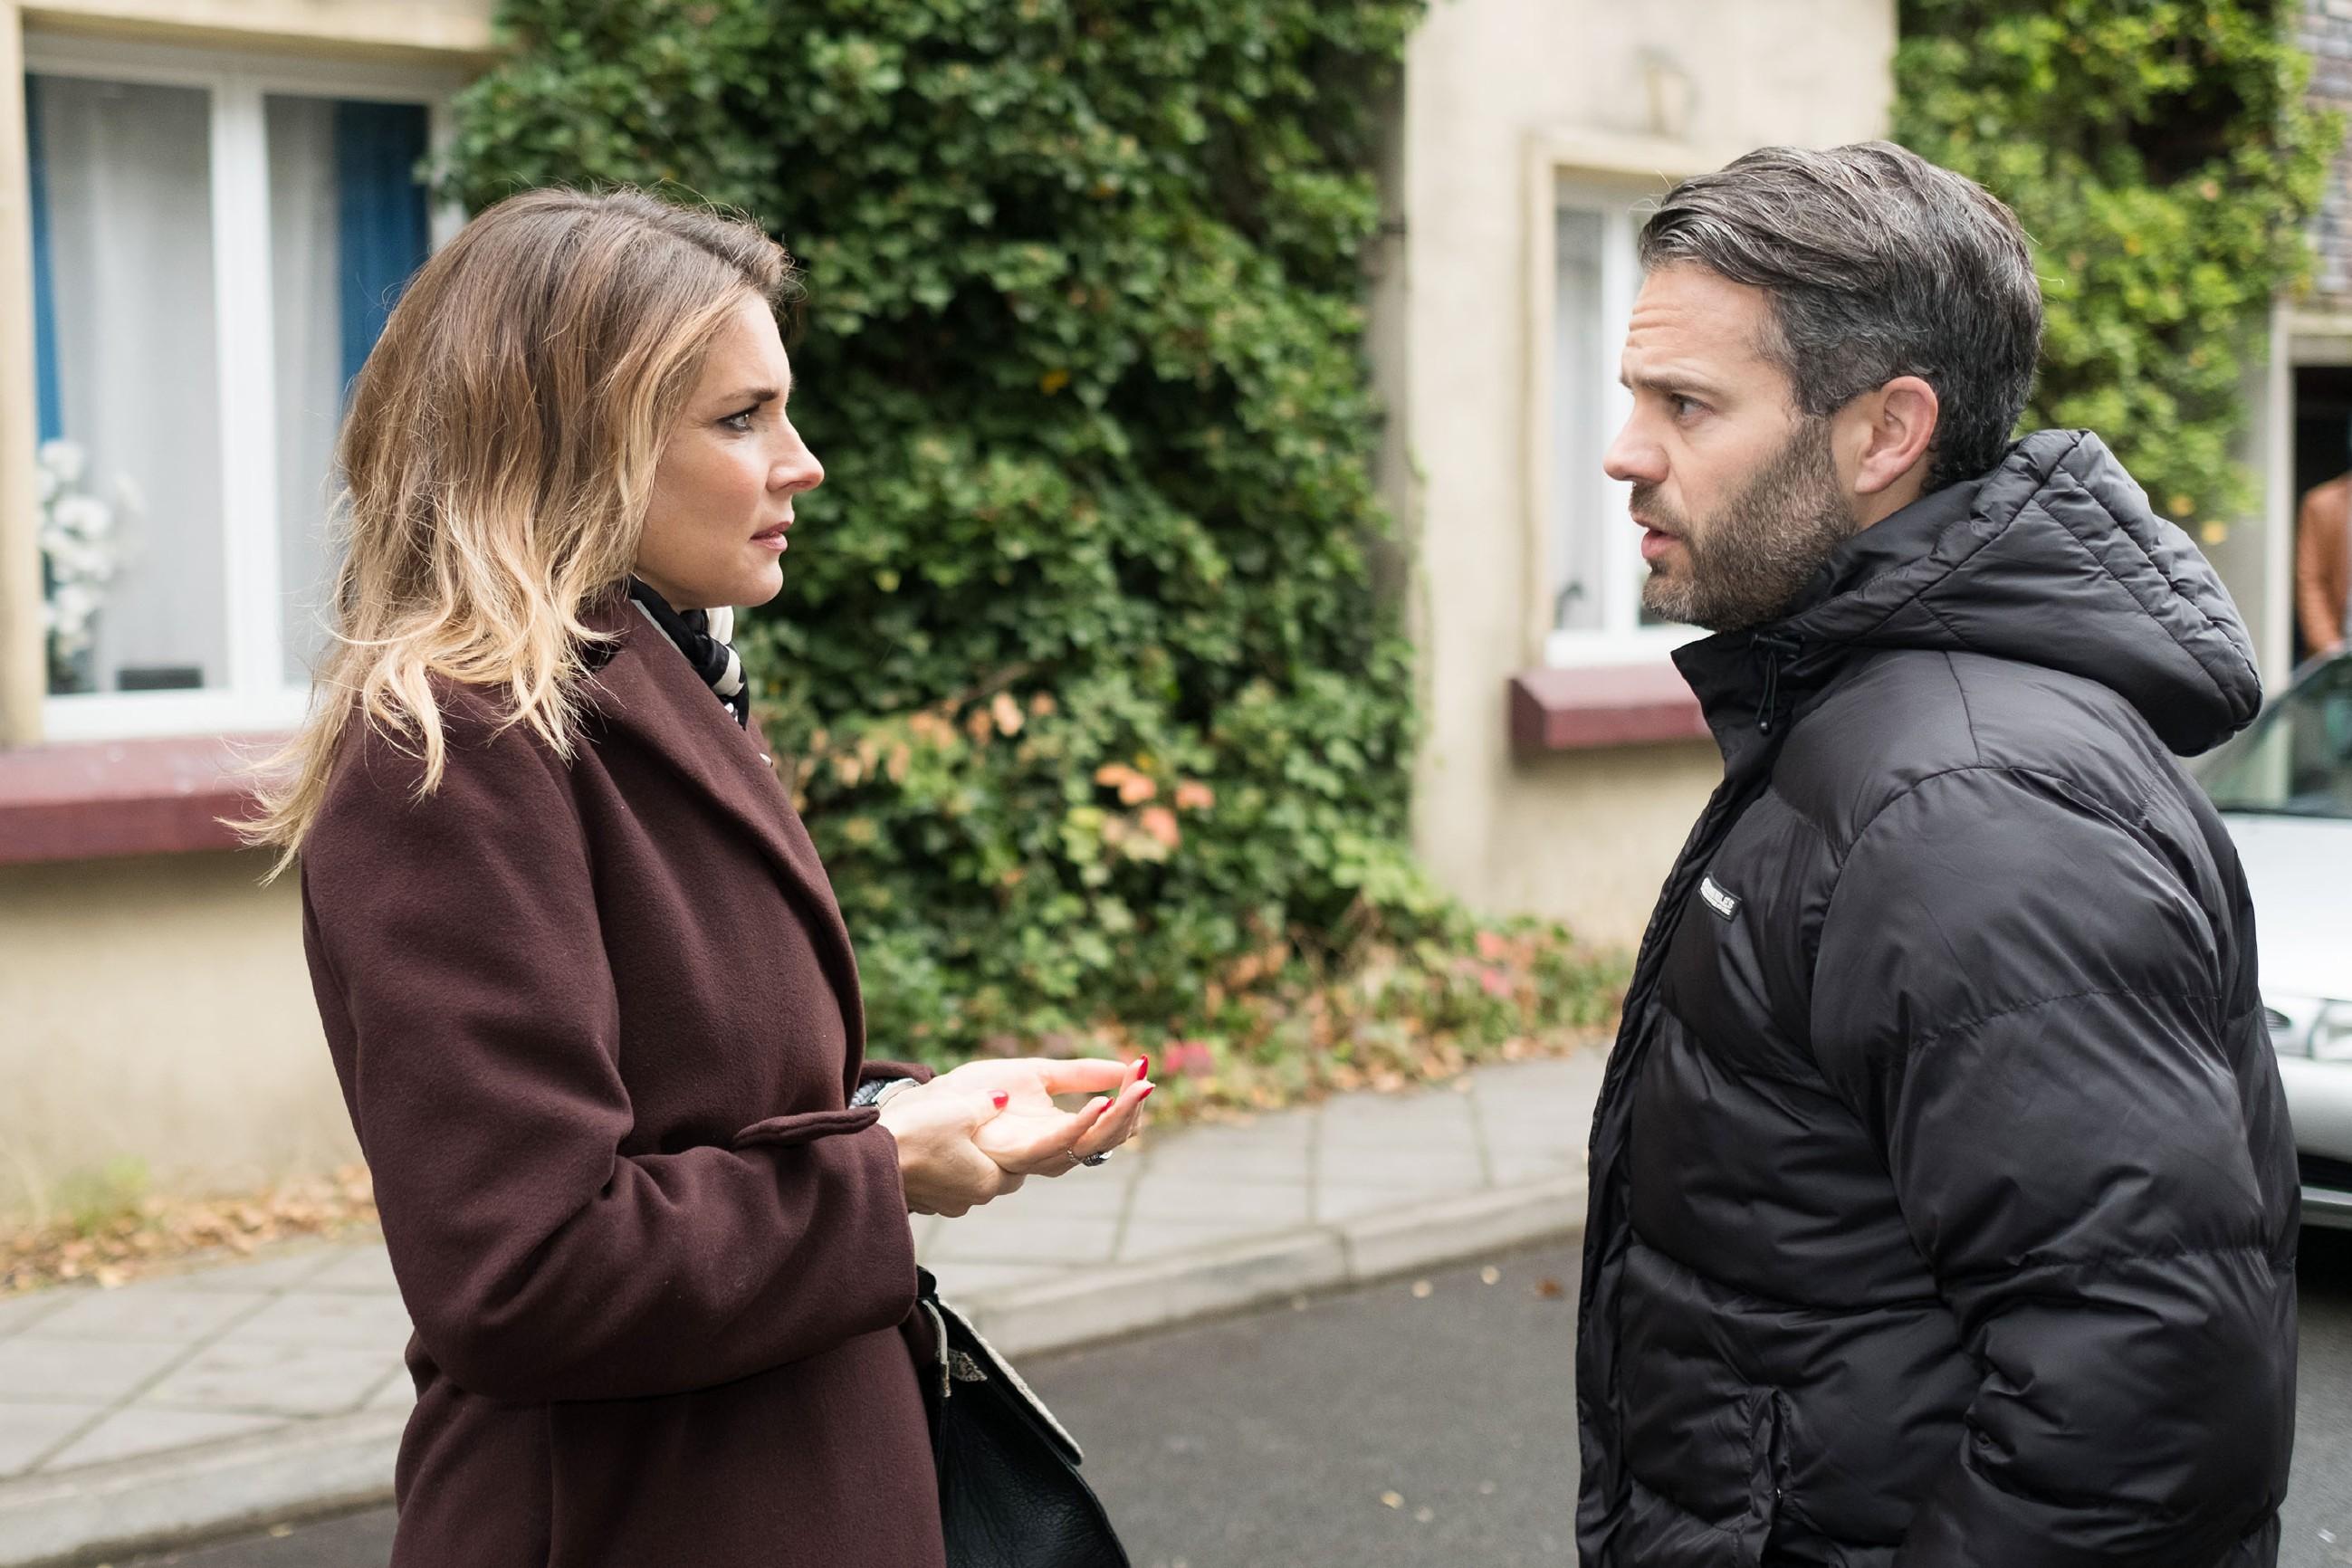 Till (Ben Ruedinger) fühlt sich aufgrund seiner Haltung von allen missverstanden und lässt nicht mal mehr Eva (Claudelle Deckert) an sich heran.